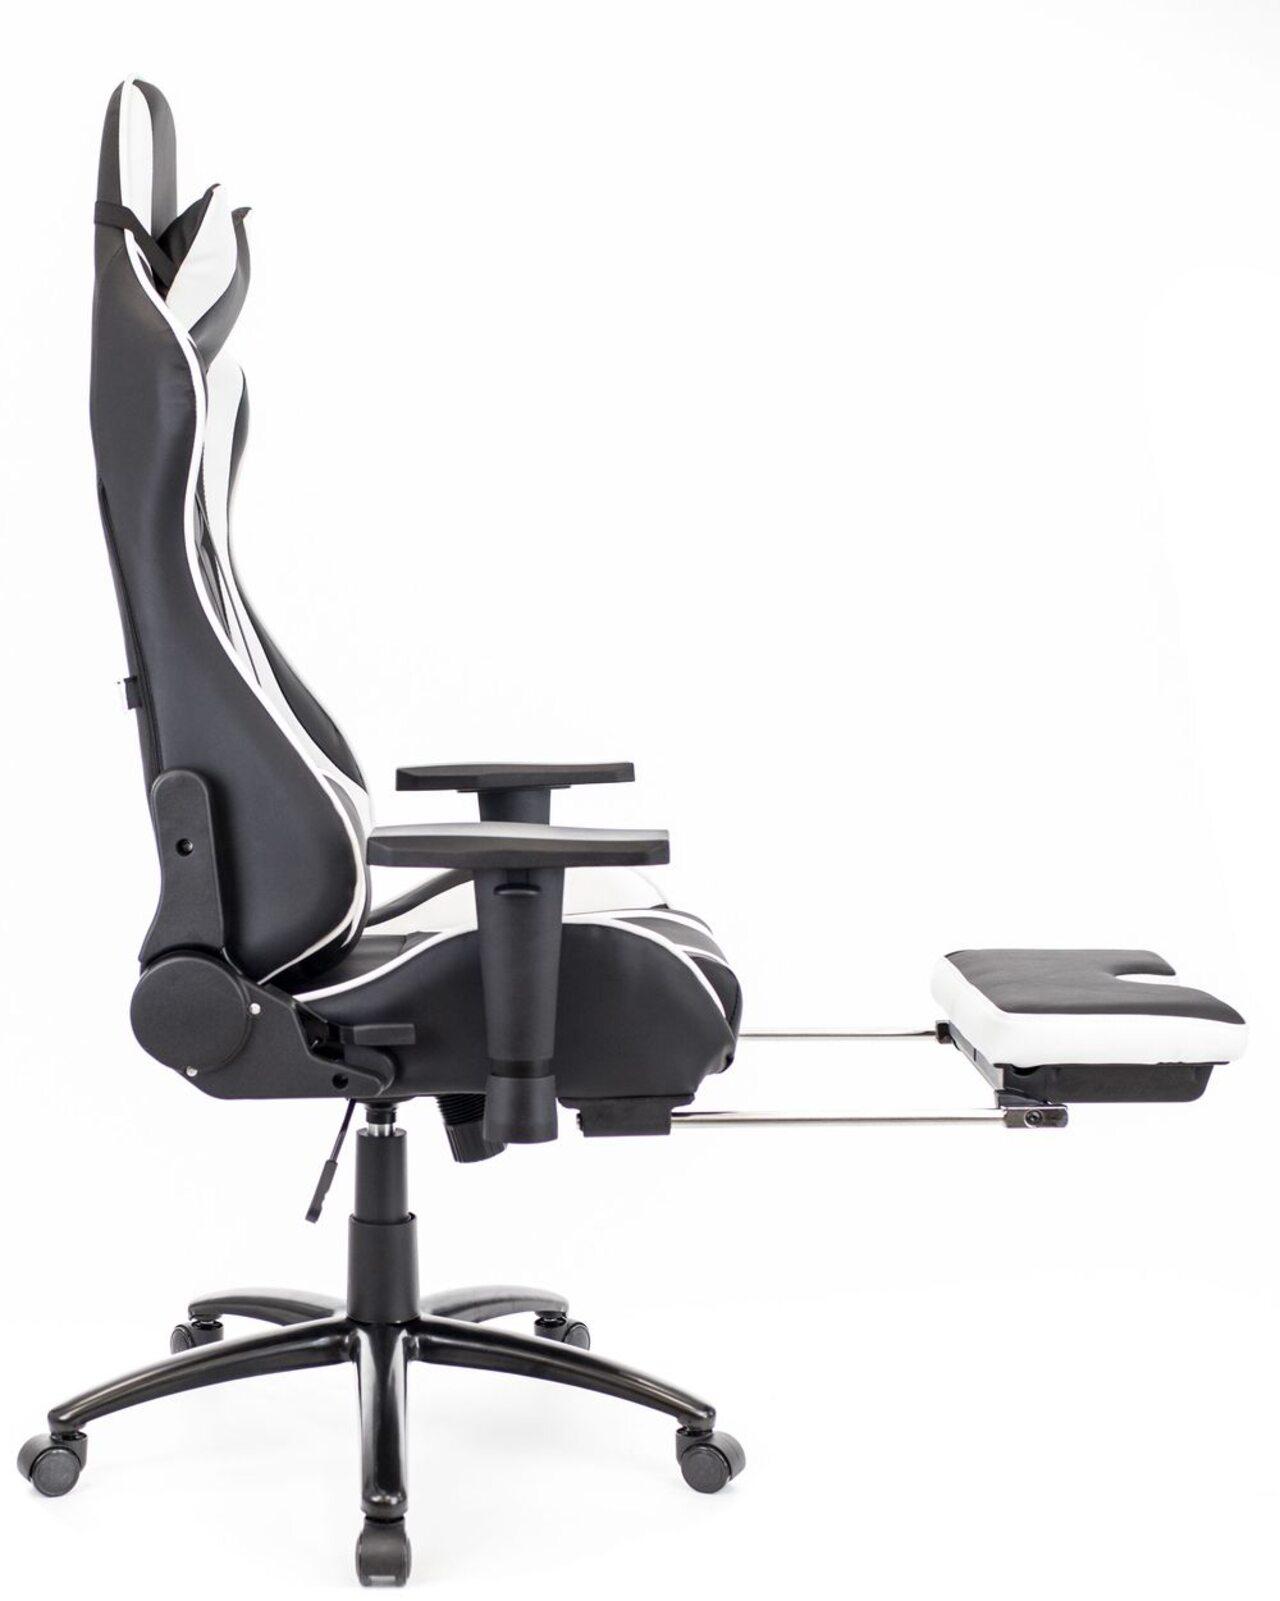 Кресло для геймеров Lotus S1 экокожа - фото 5